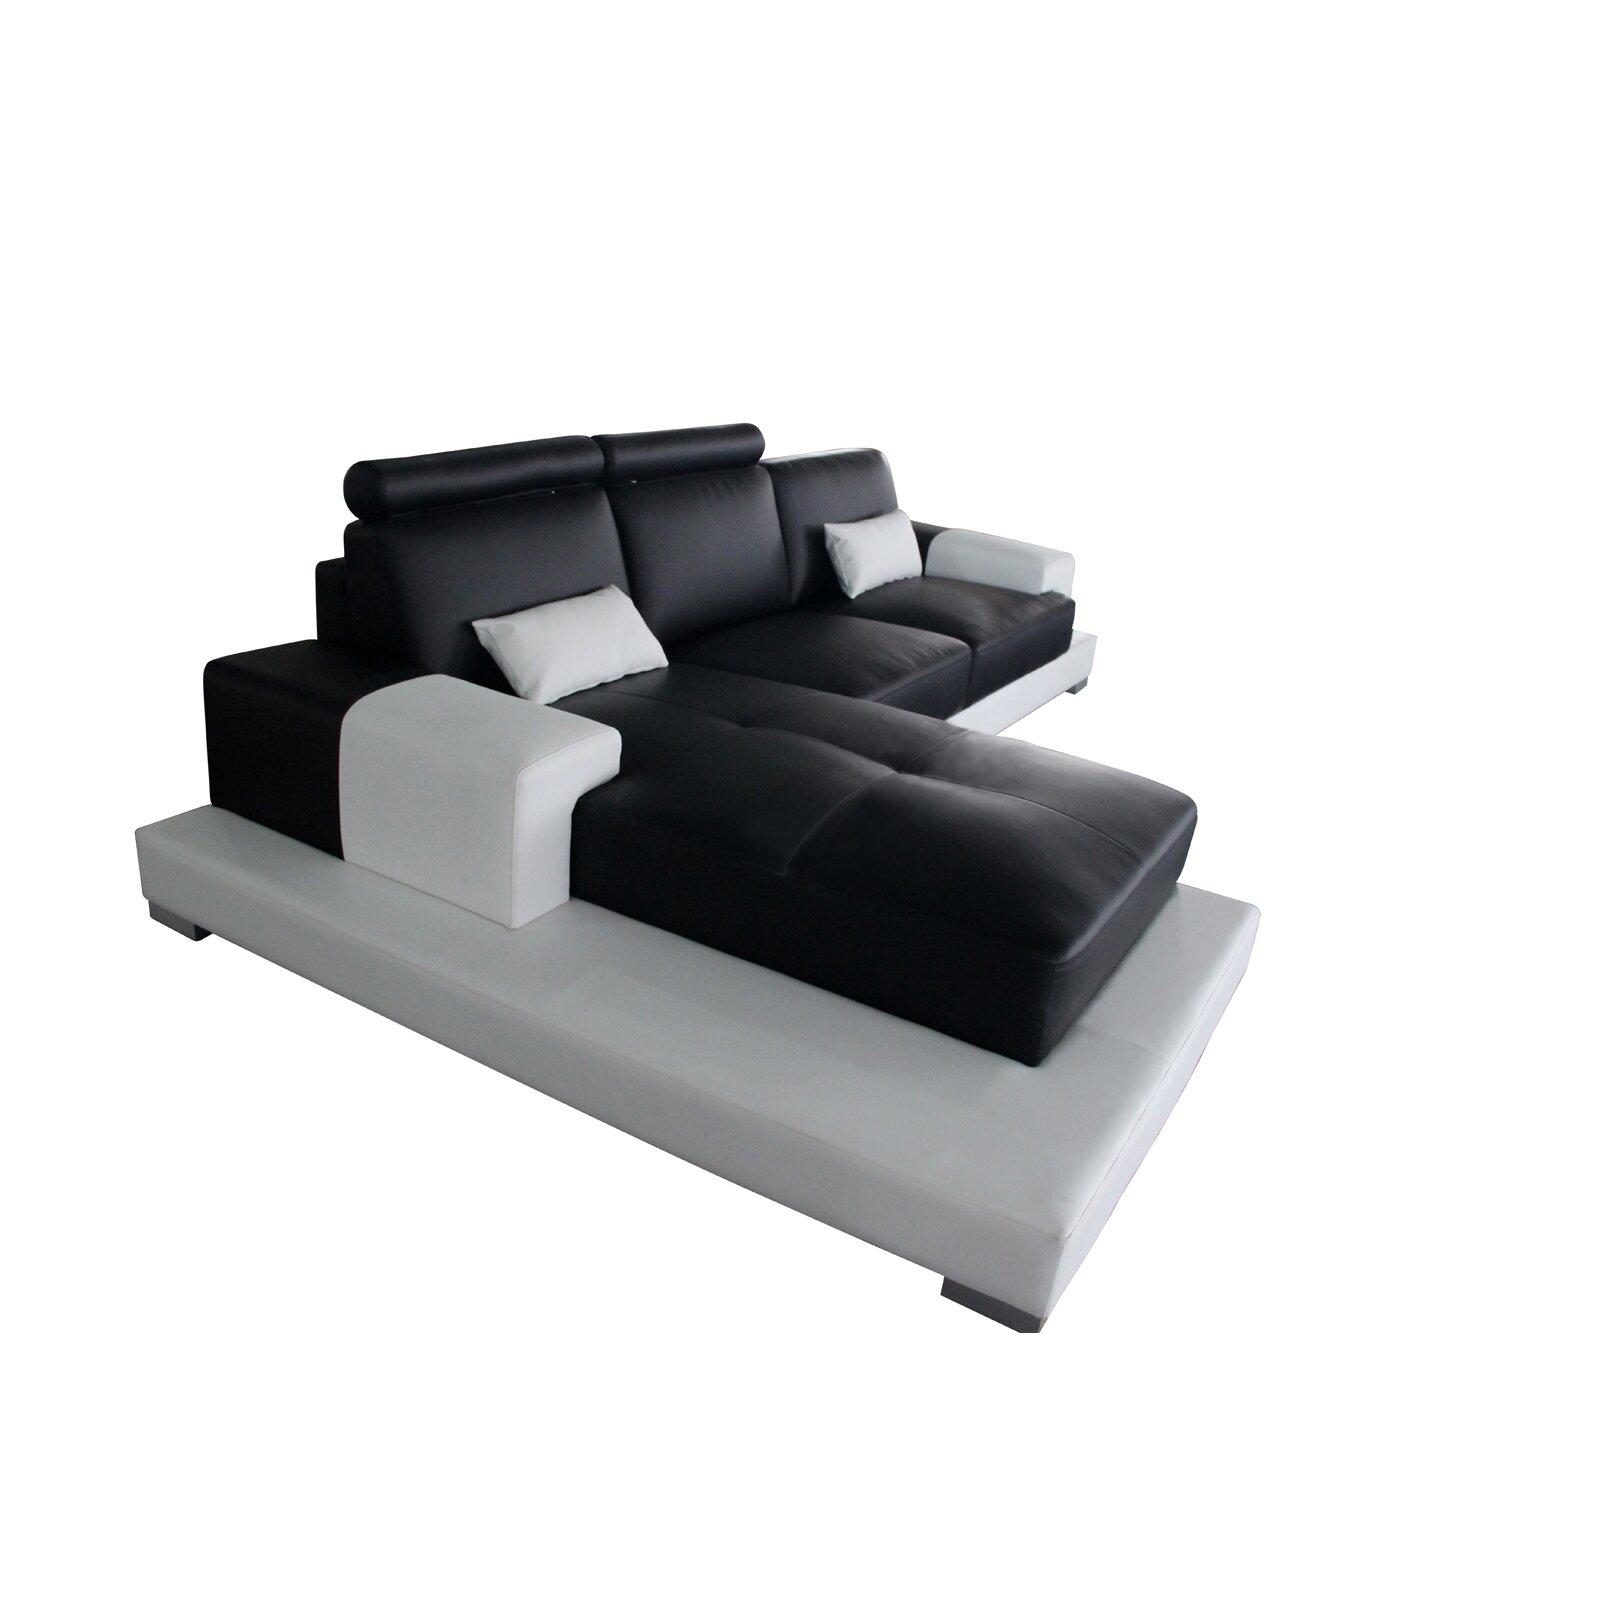 sam stil art m bel gmbh ecksofa emilia. Black Bedroom Furniture Sets. Home Design Ideas